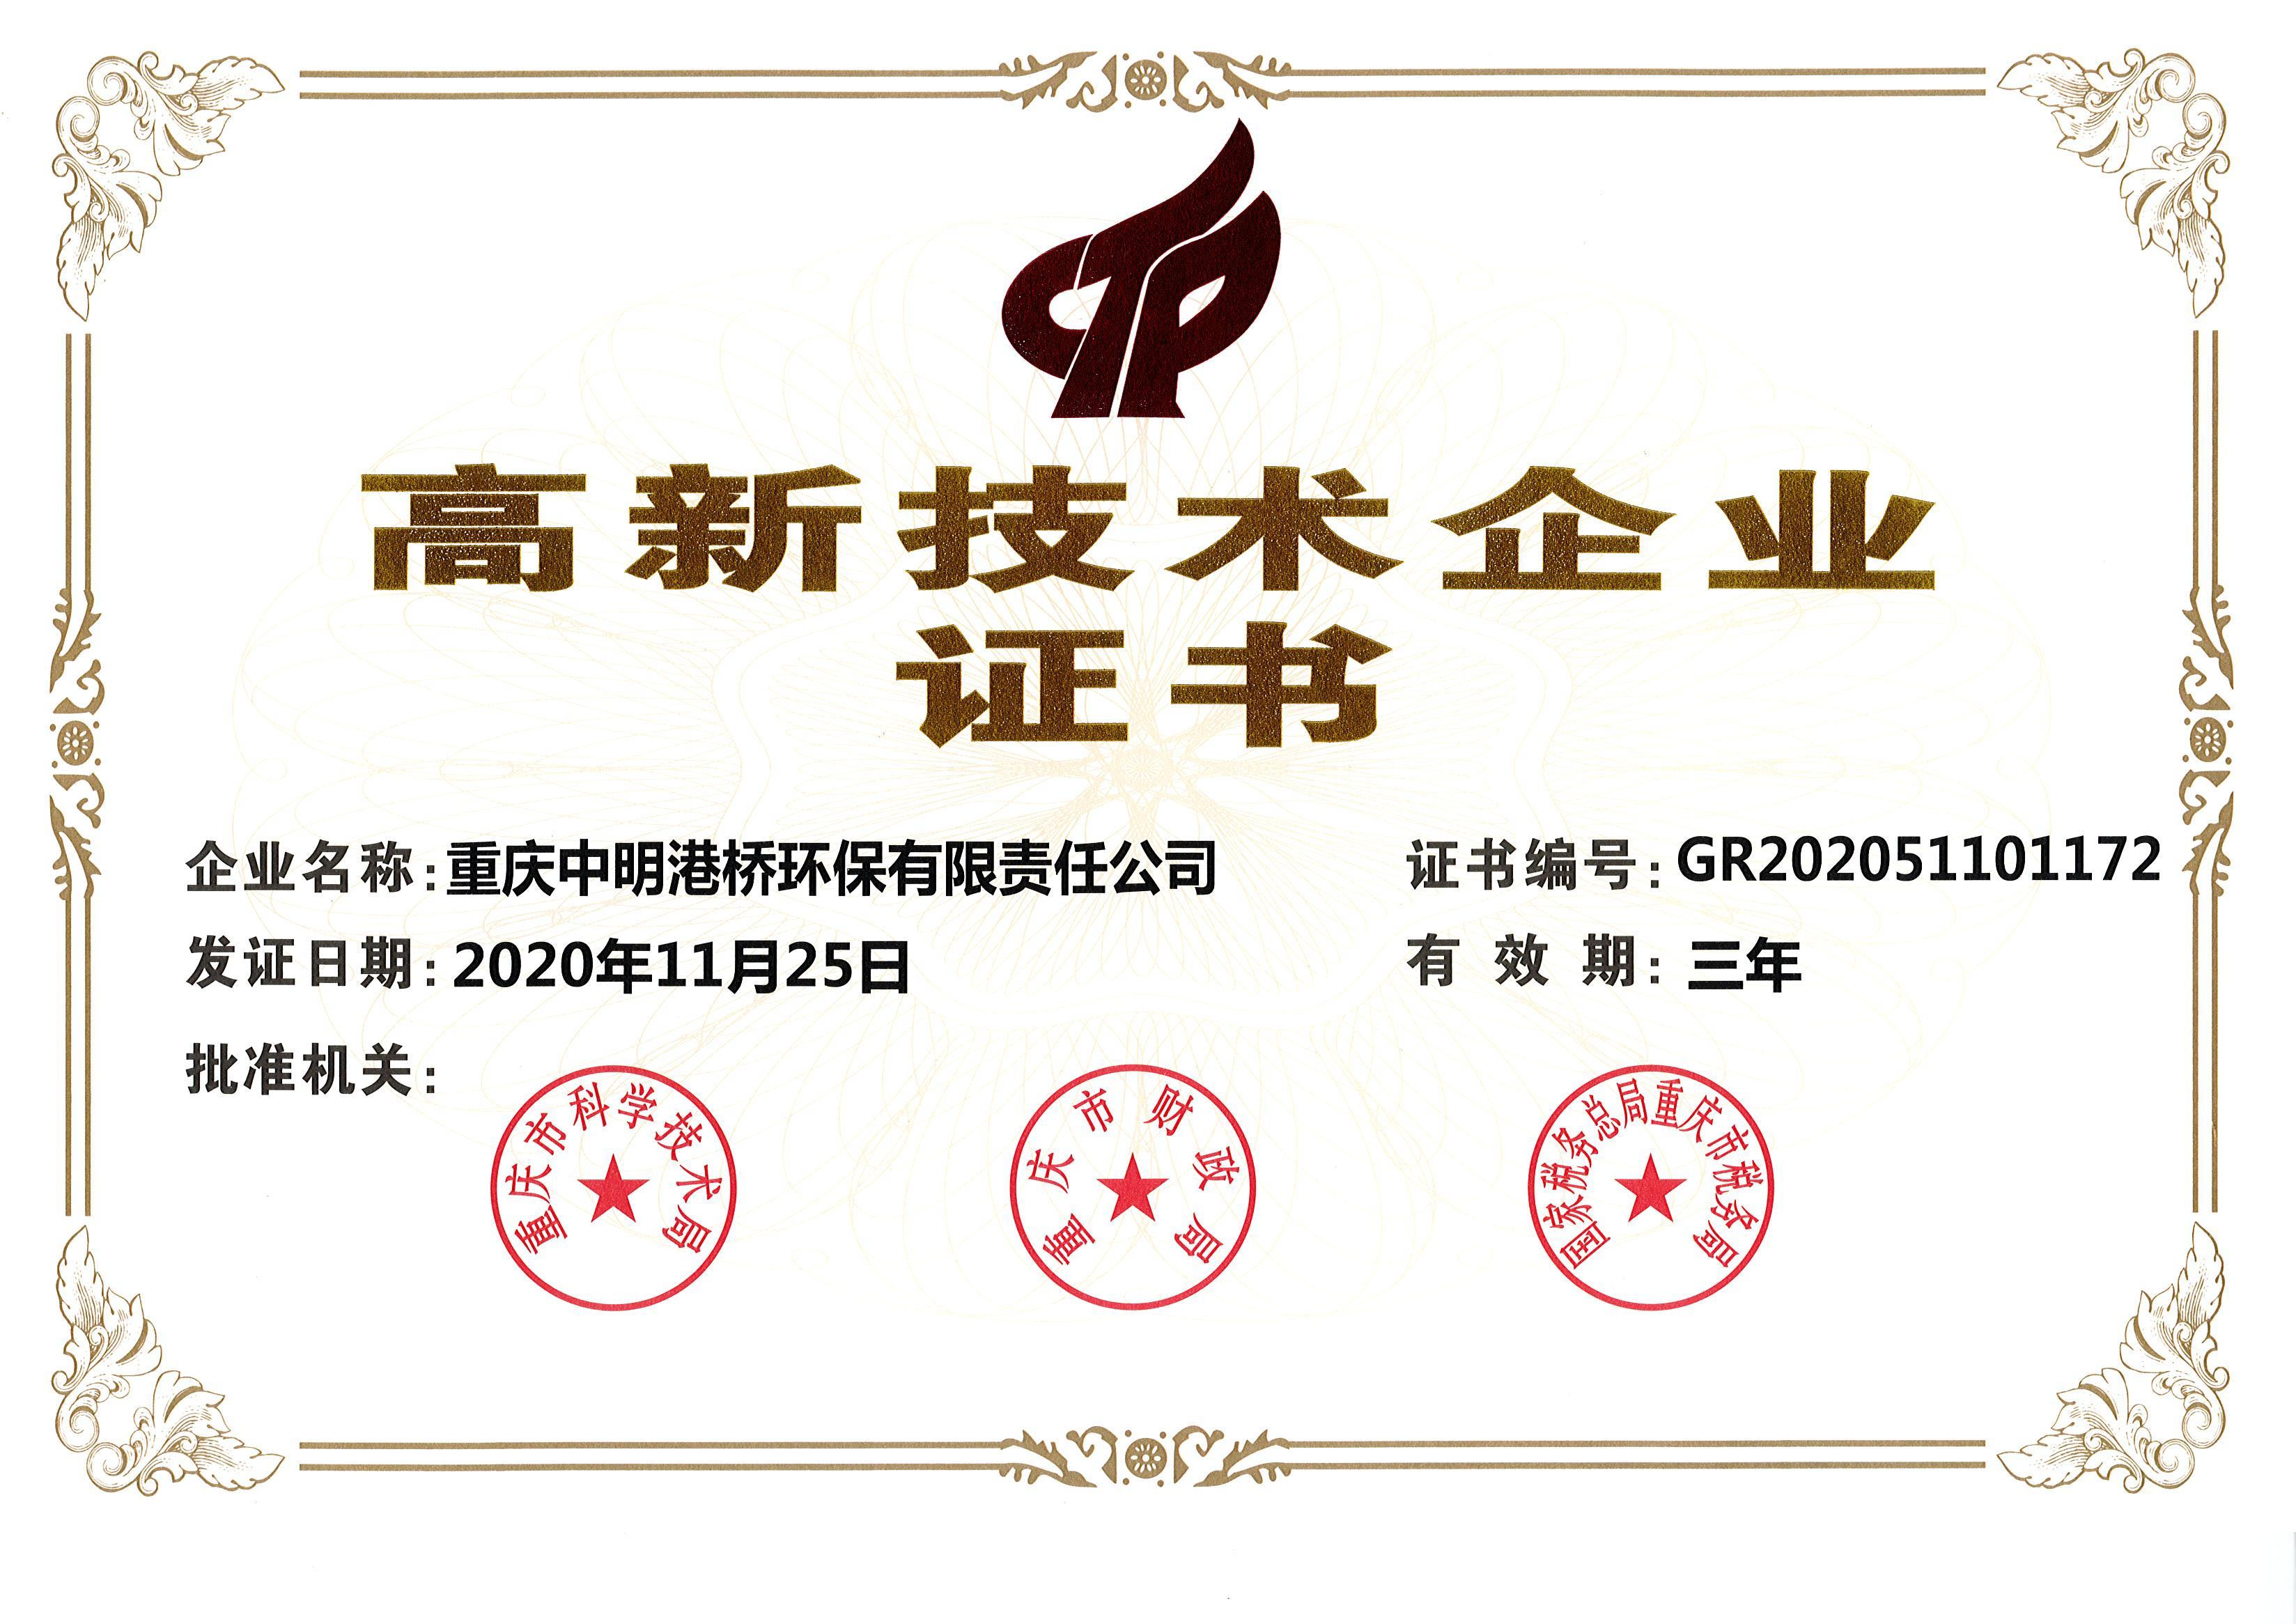 高新技术企业证书-2020.11.25(三年)_页面_2